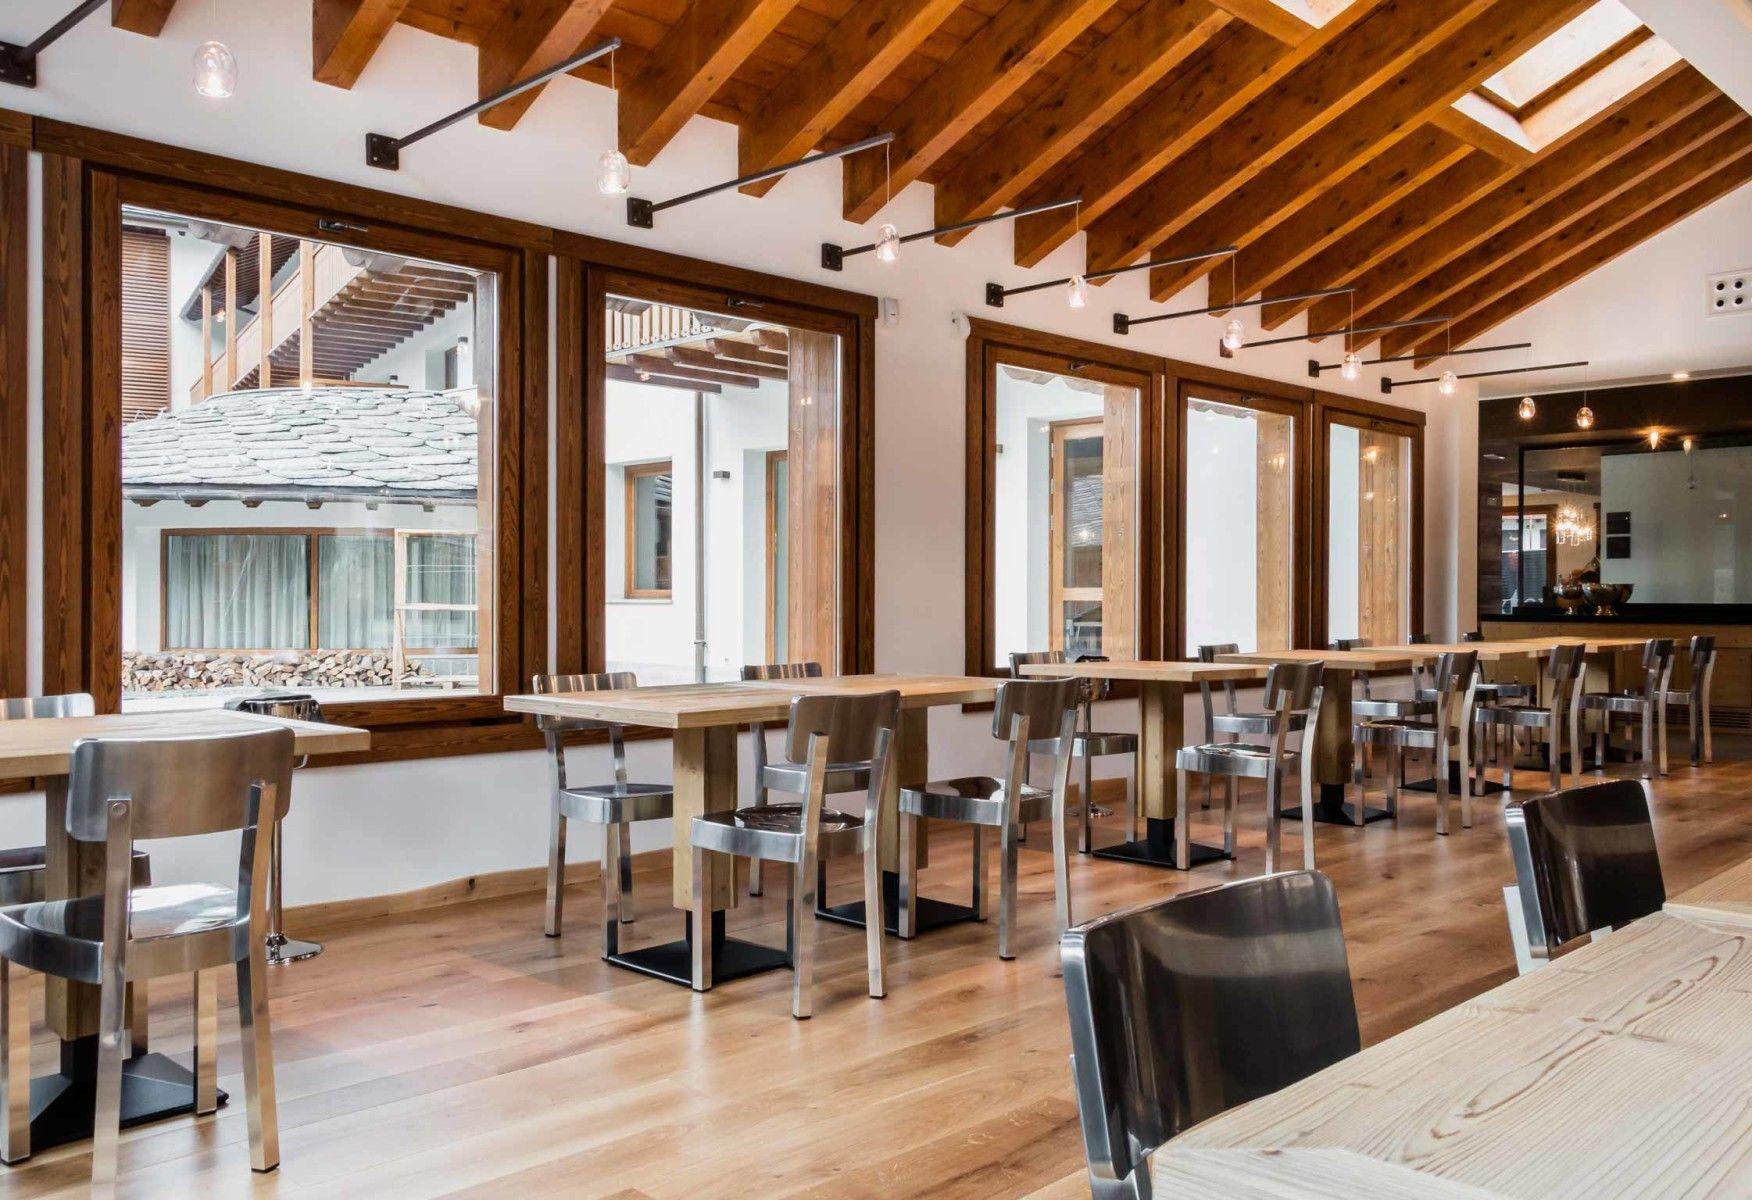 Nira Montana, Restaurant & SPa, La Thuile (AO) - HI LITE Next #lighting #design #fixtures #sospensione #album patata in orbita vetro